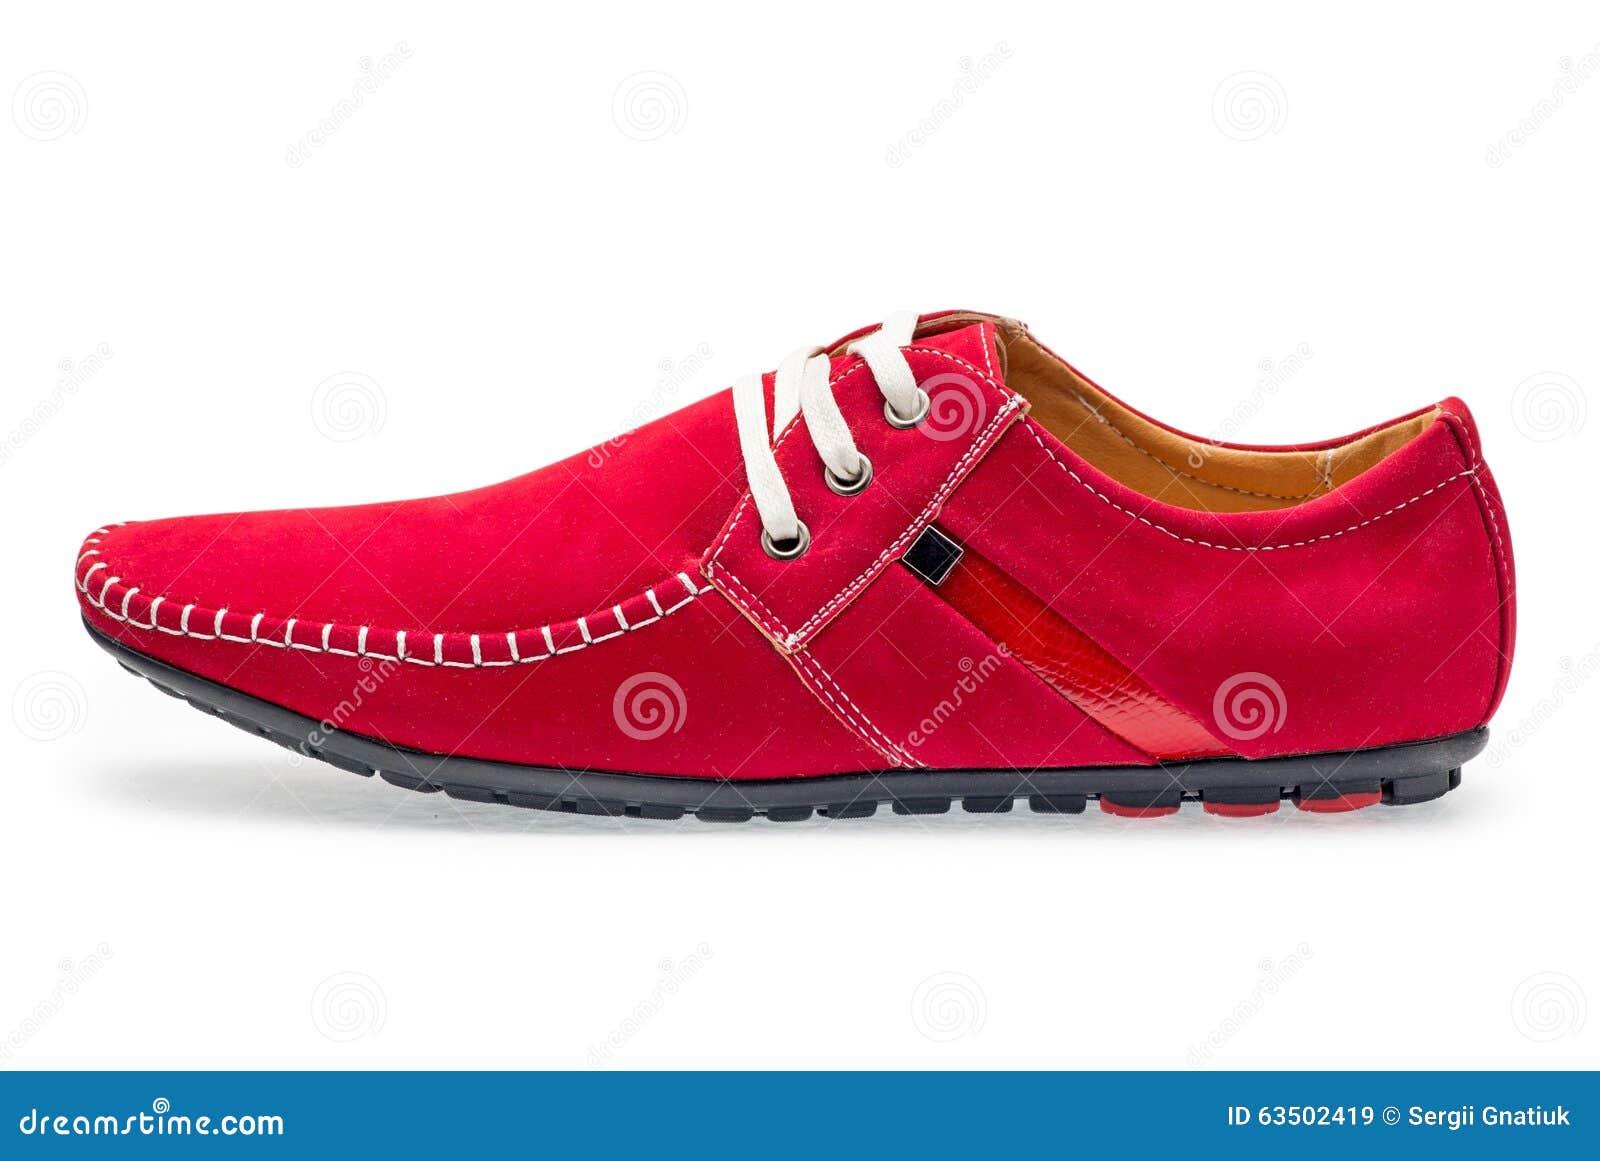 c94b2e0203 Solos mocasines masculinos de cuero del color rojo con los cordones en un  fondo blanco